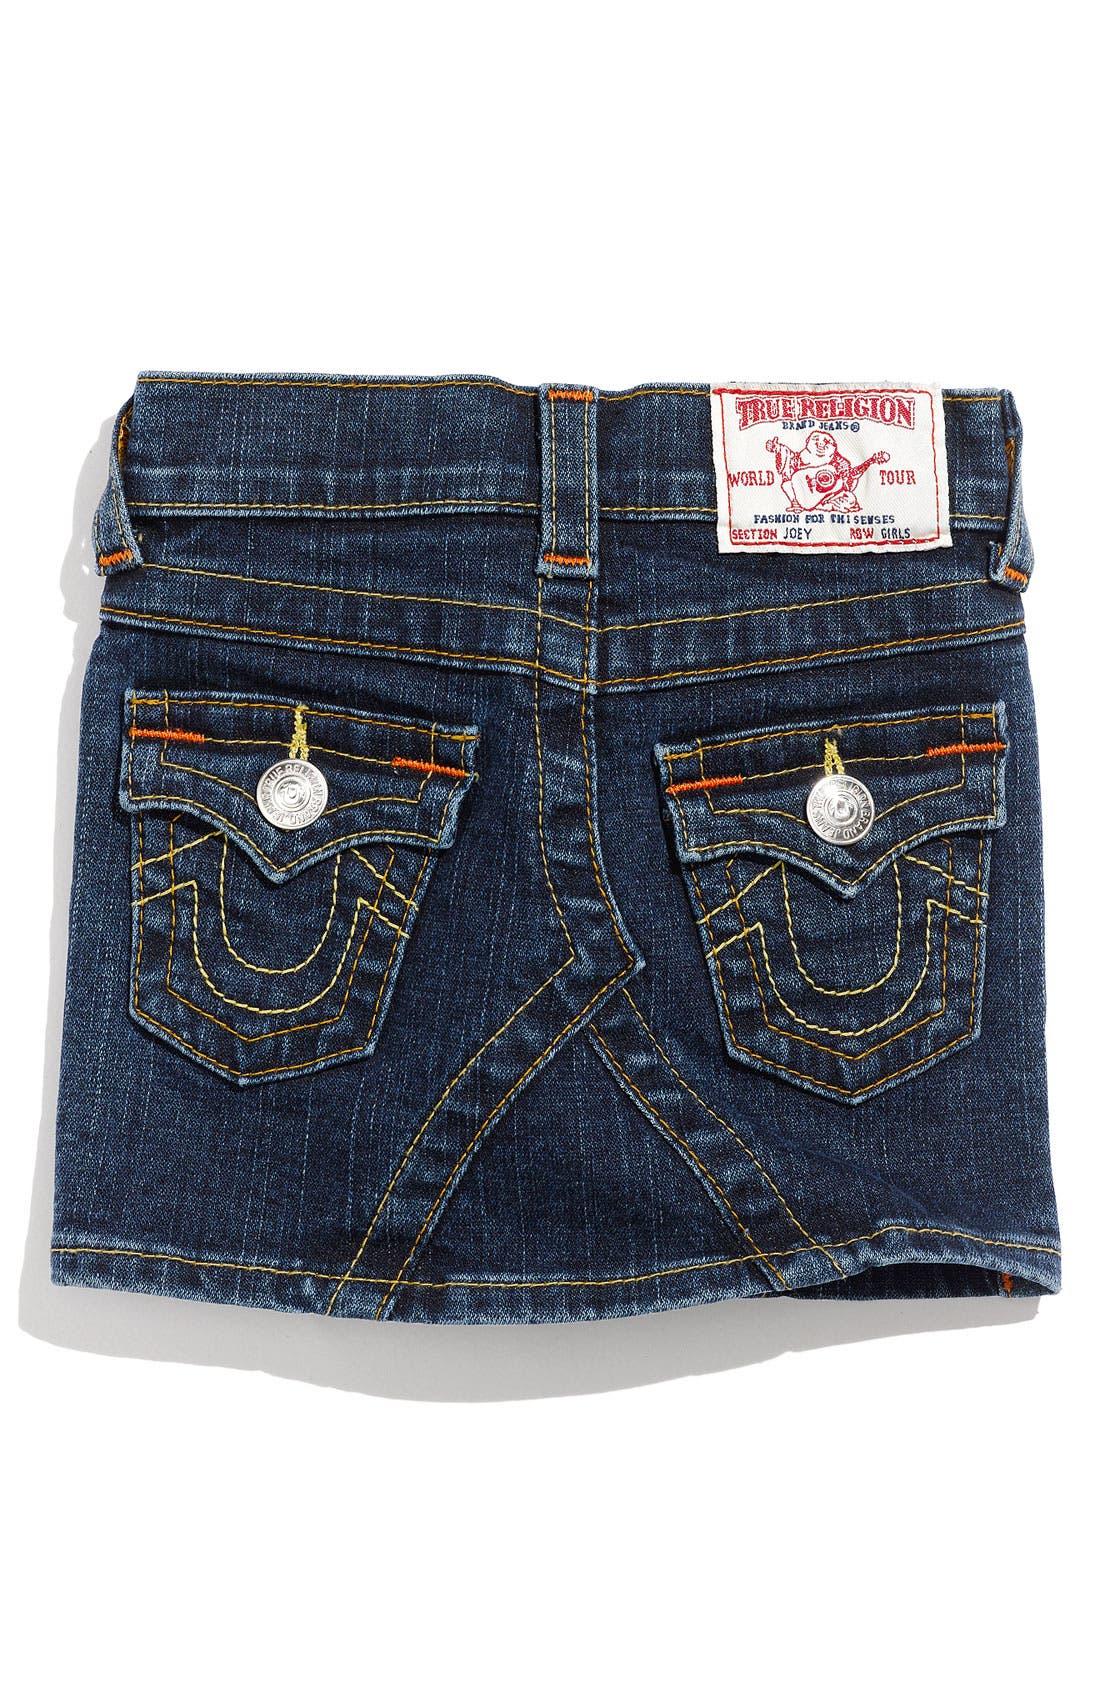 Alternate Image 1 Selected - True Religion Brand Jeans 'Joey' Skirt (Toddler)